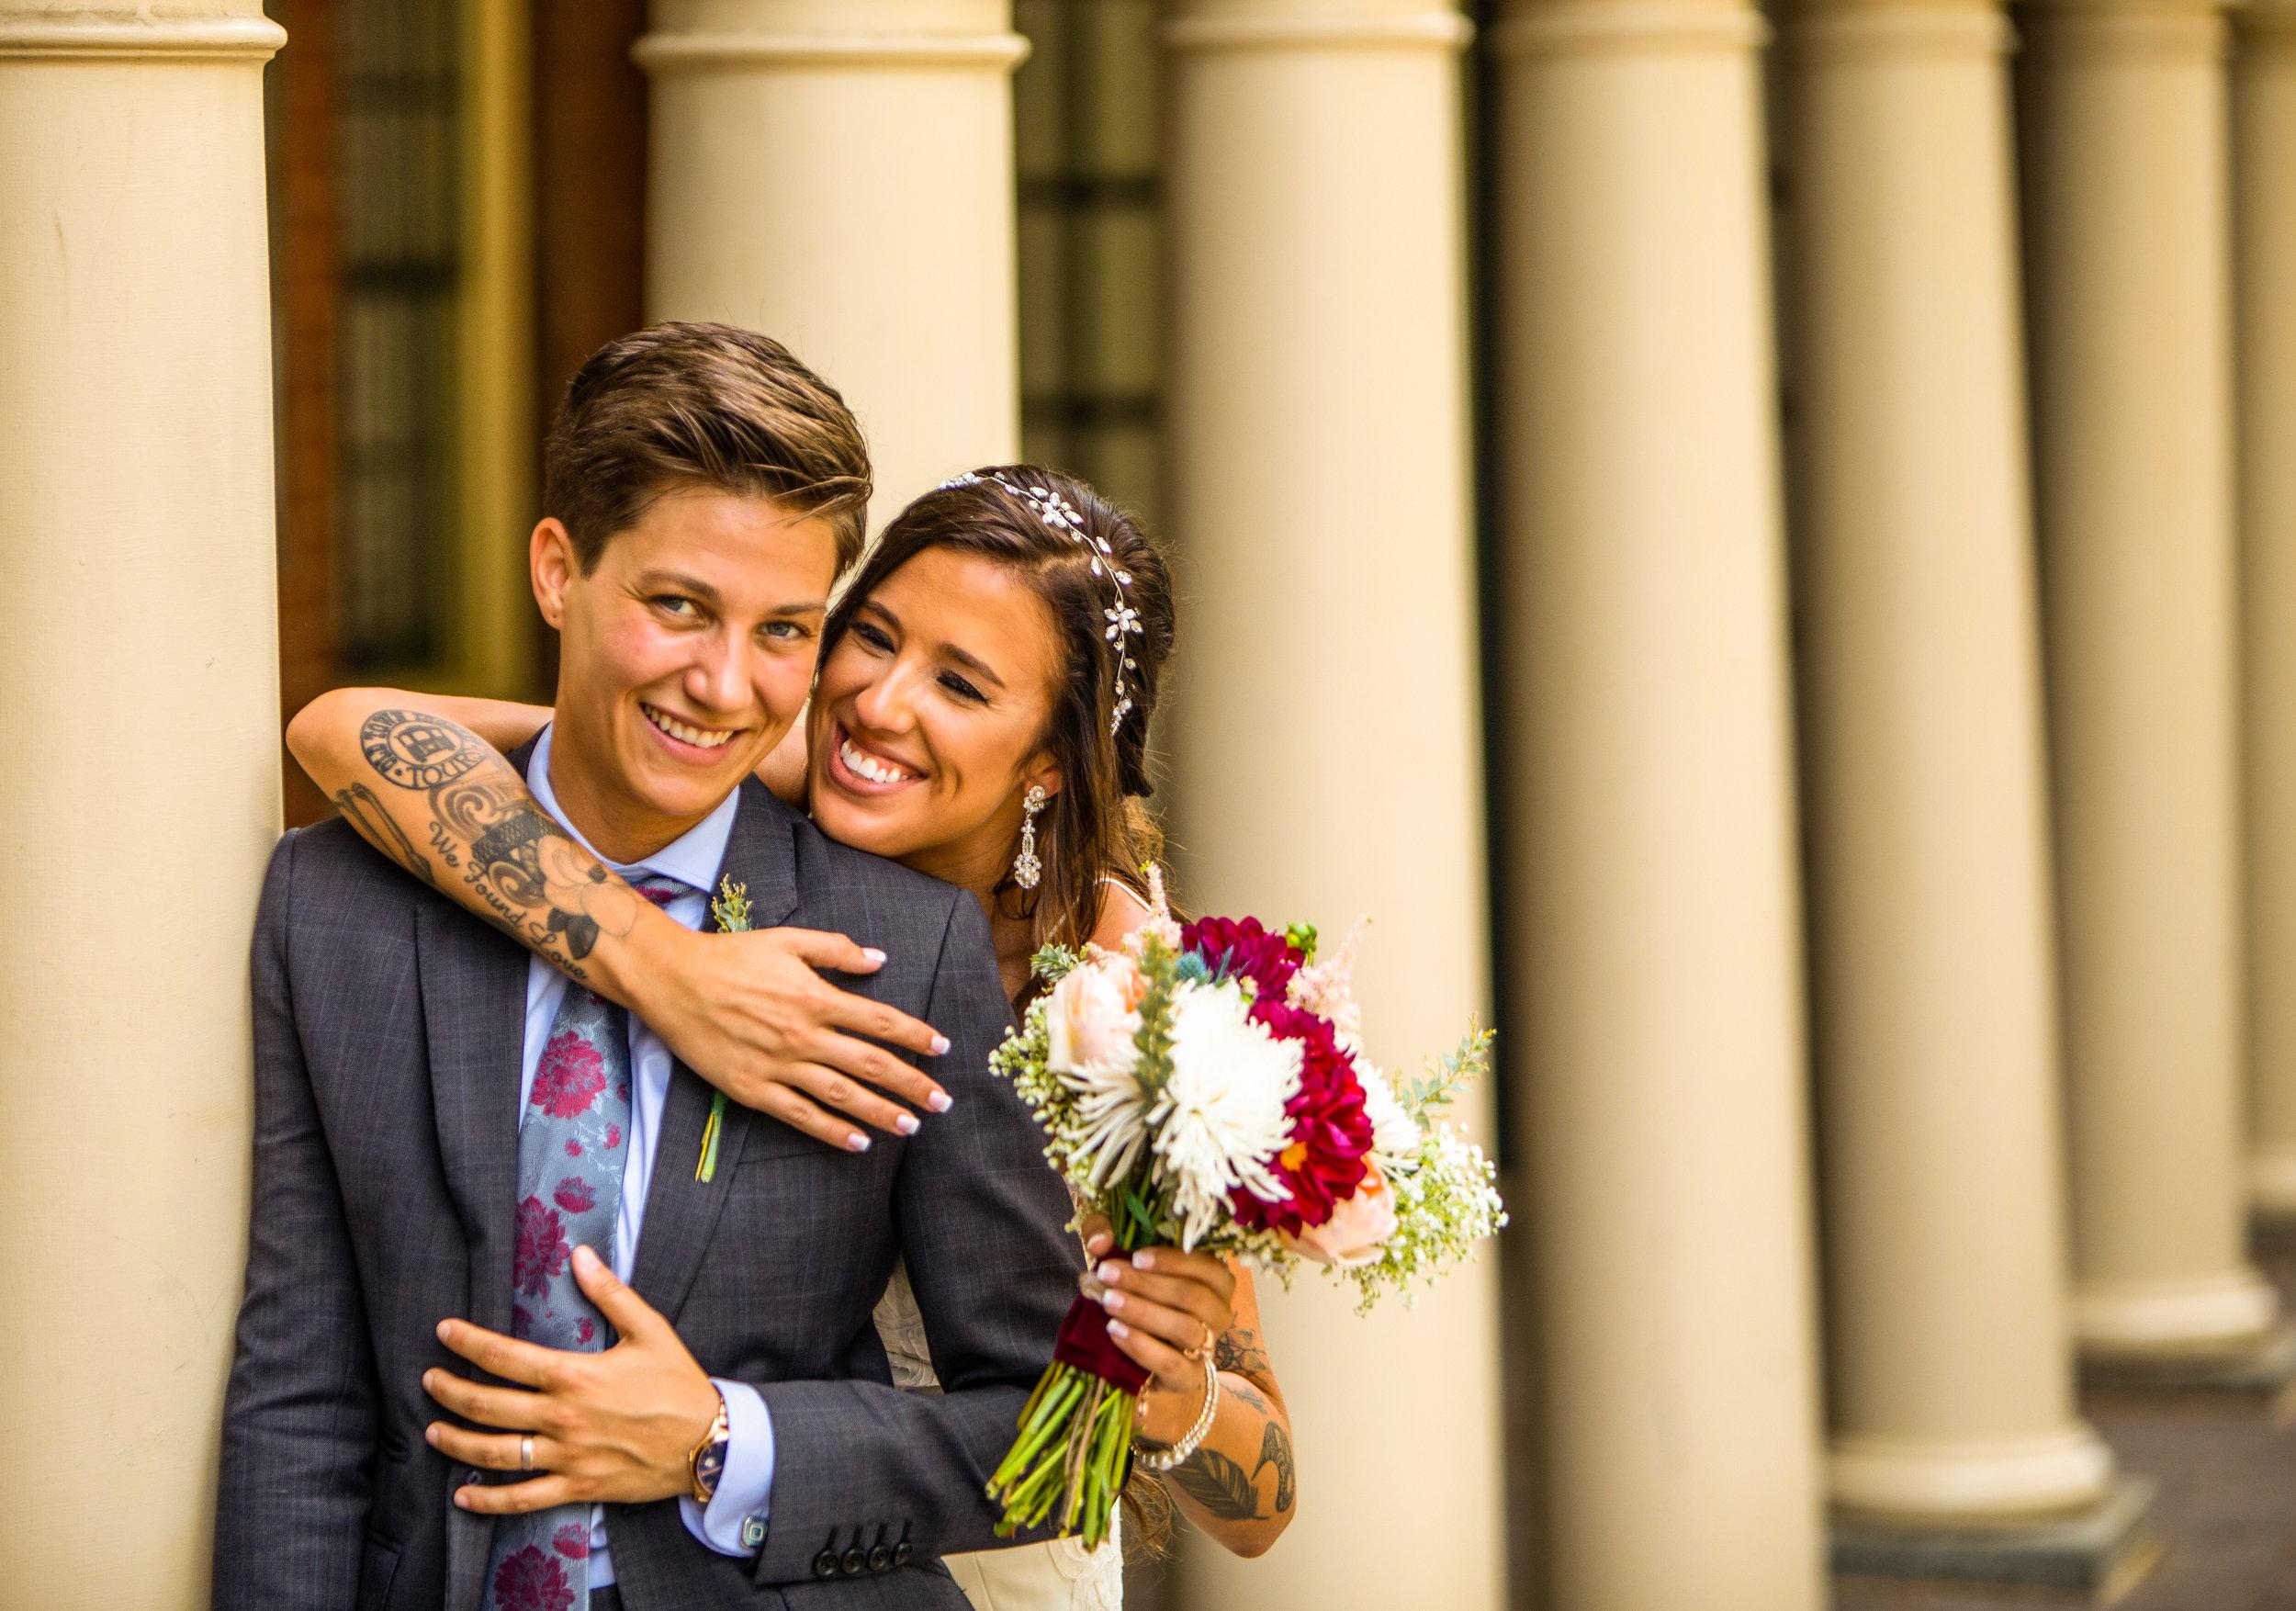 Wedding photography by the AtlantaWeddingPhotographers at AtlantaArtisticWeddings